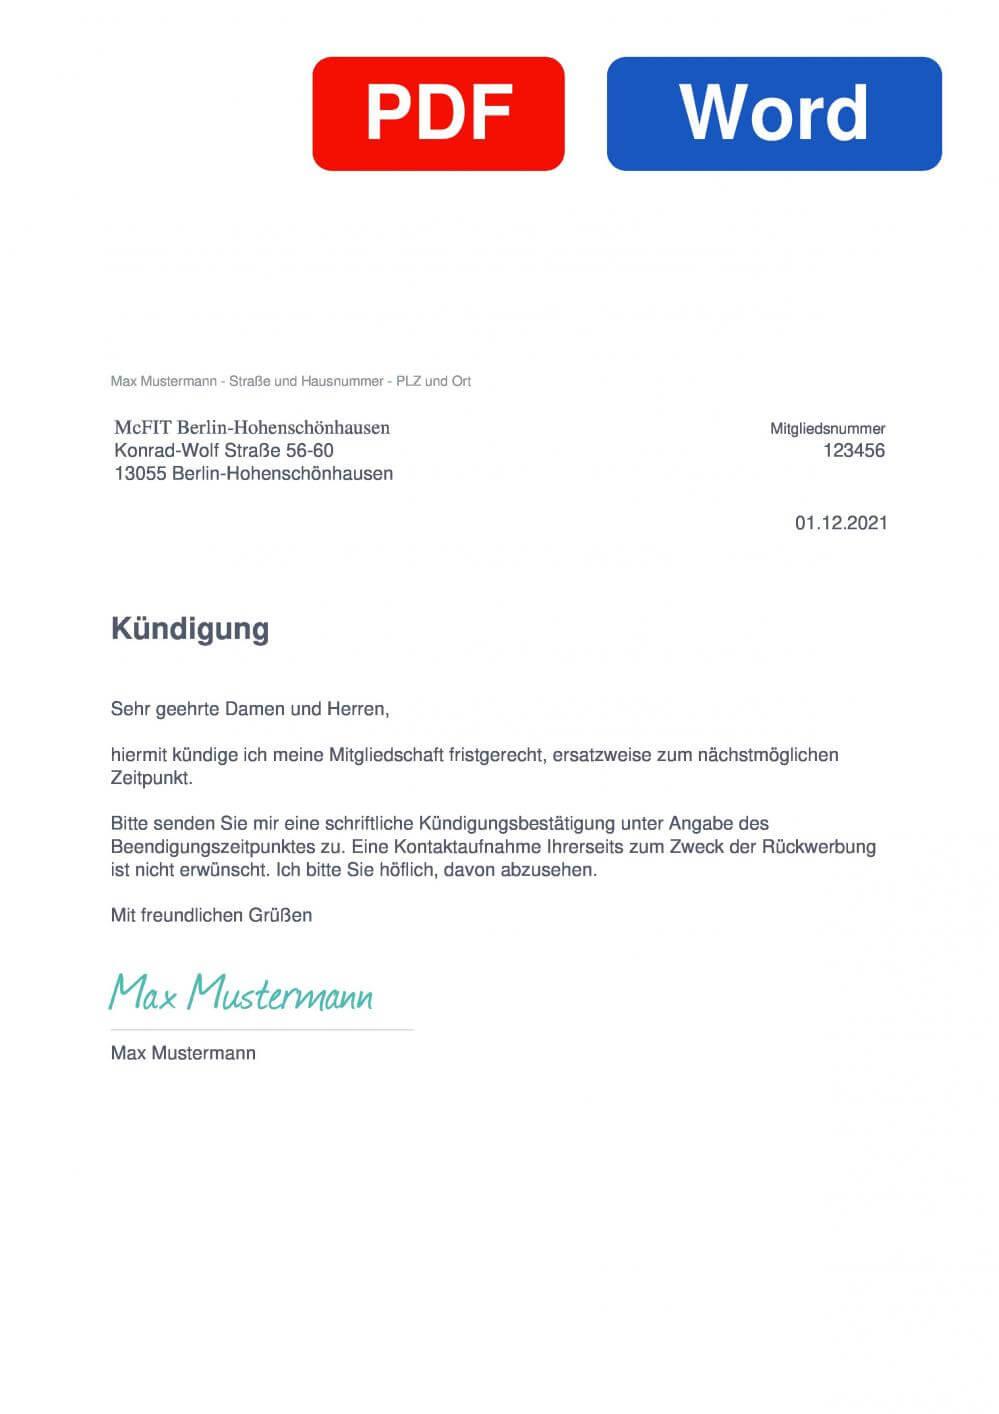 McFIT Berlin-Hohenschönhausen Muster Vorlage für Kündigungsschreiben